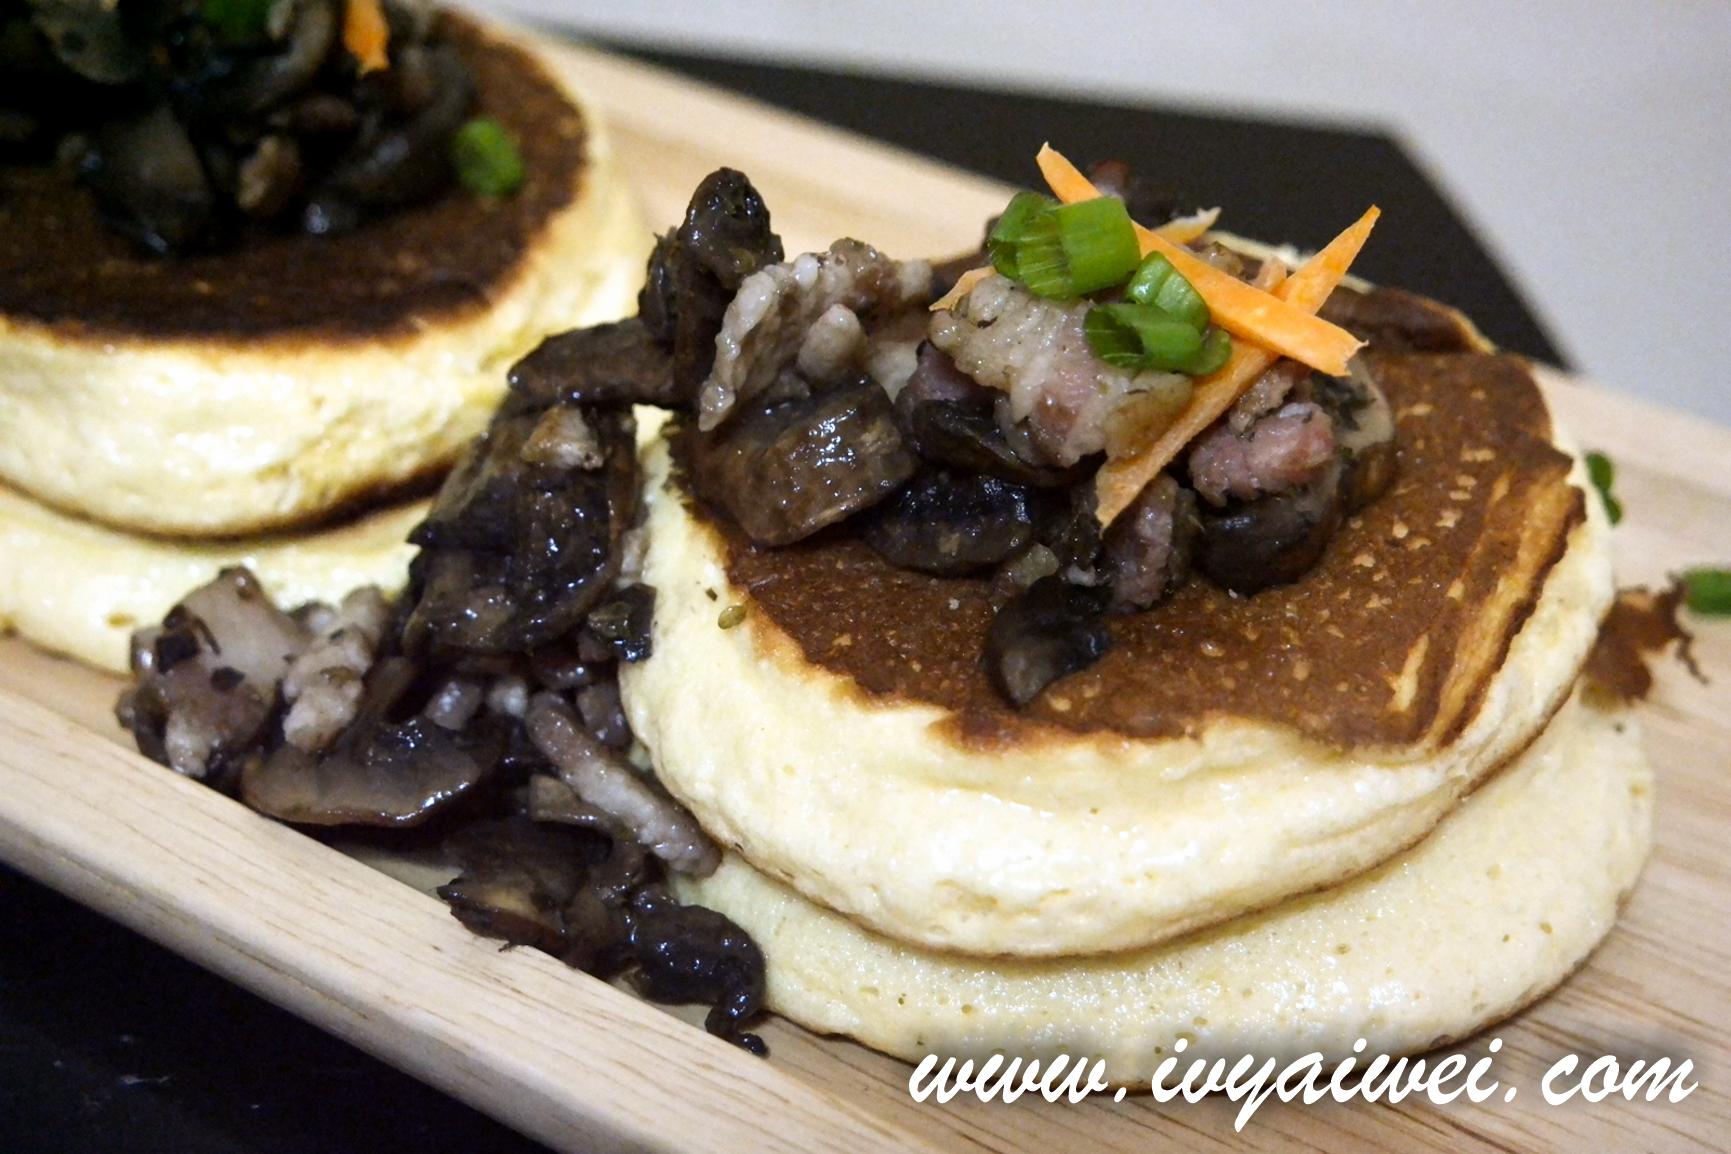 Chefology X McCormick: Fuwa fuwa Savoury Souffle Pancake